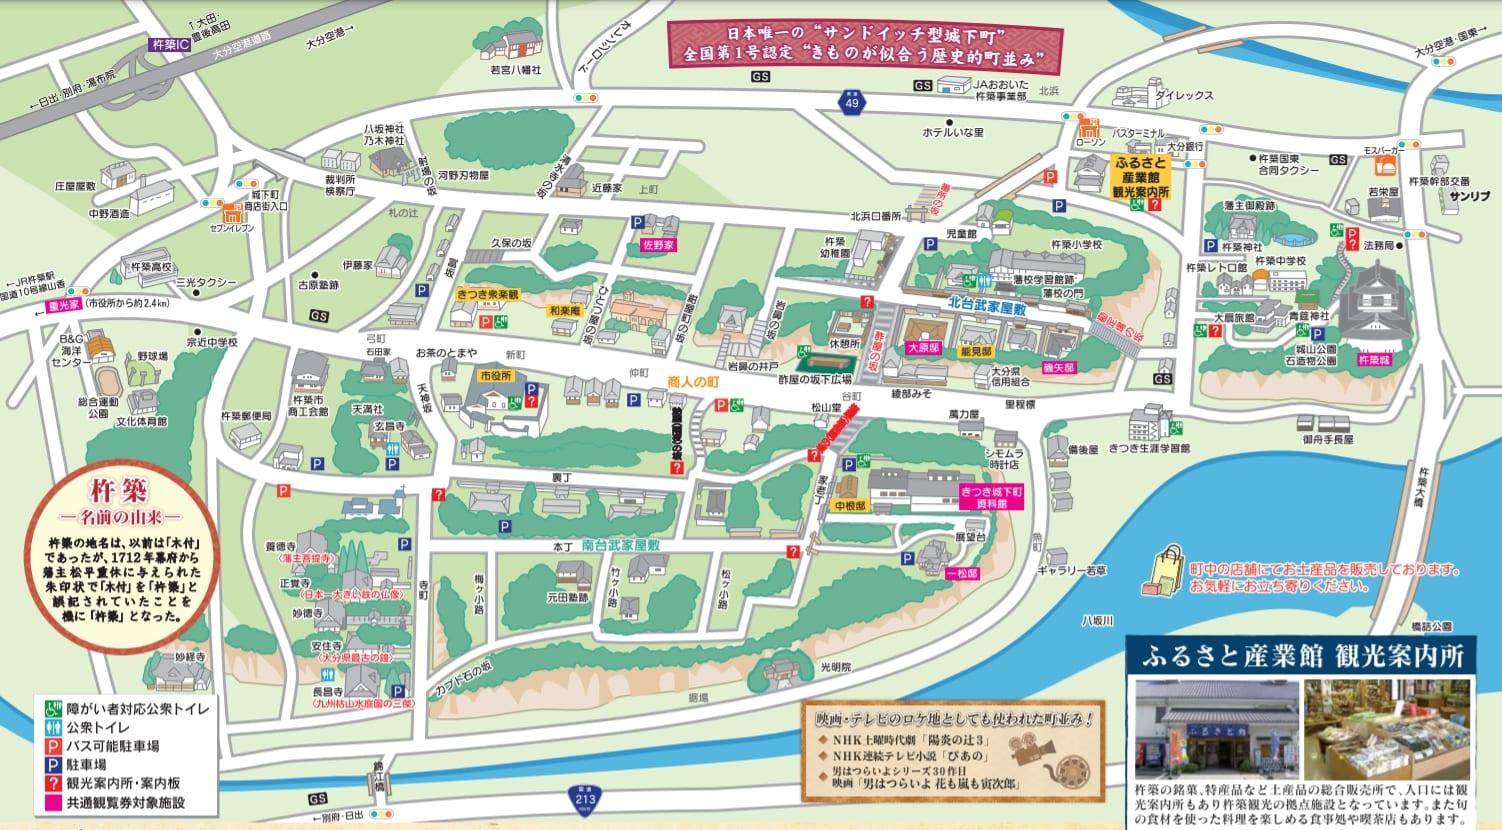 九州杵築市半日遊行程攻略(交通、景點、美食)